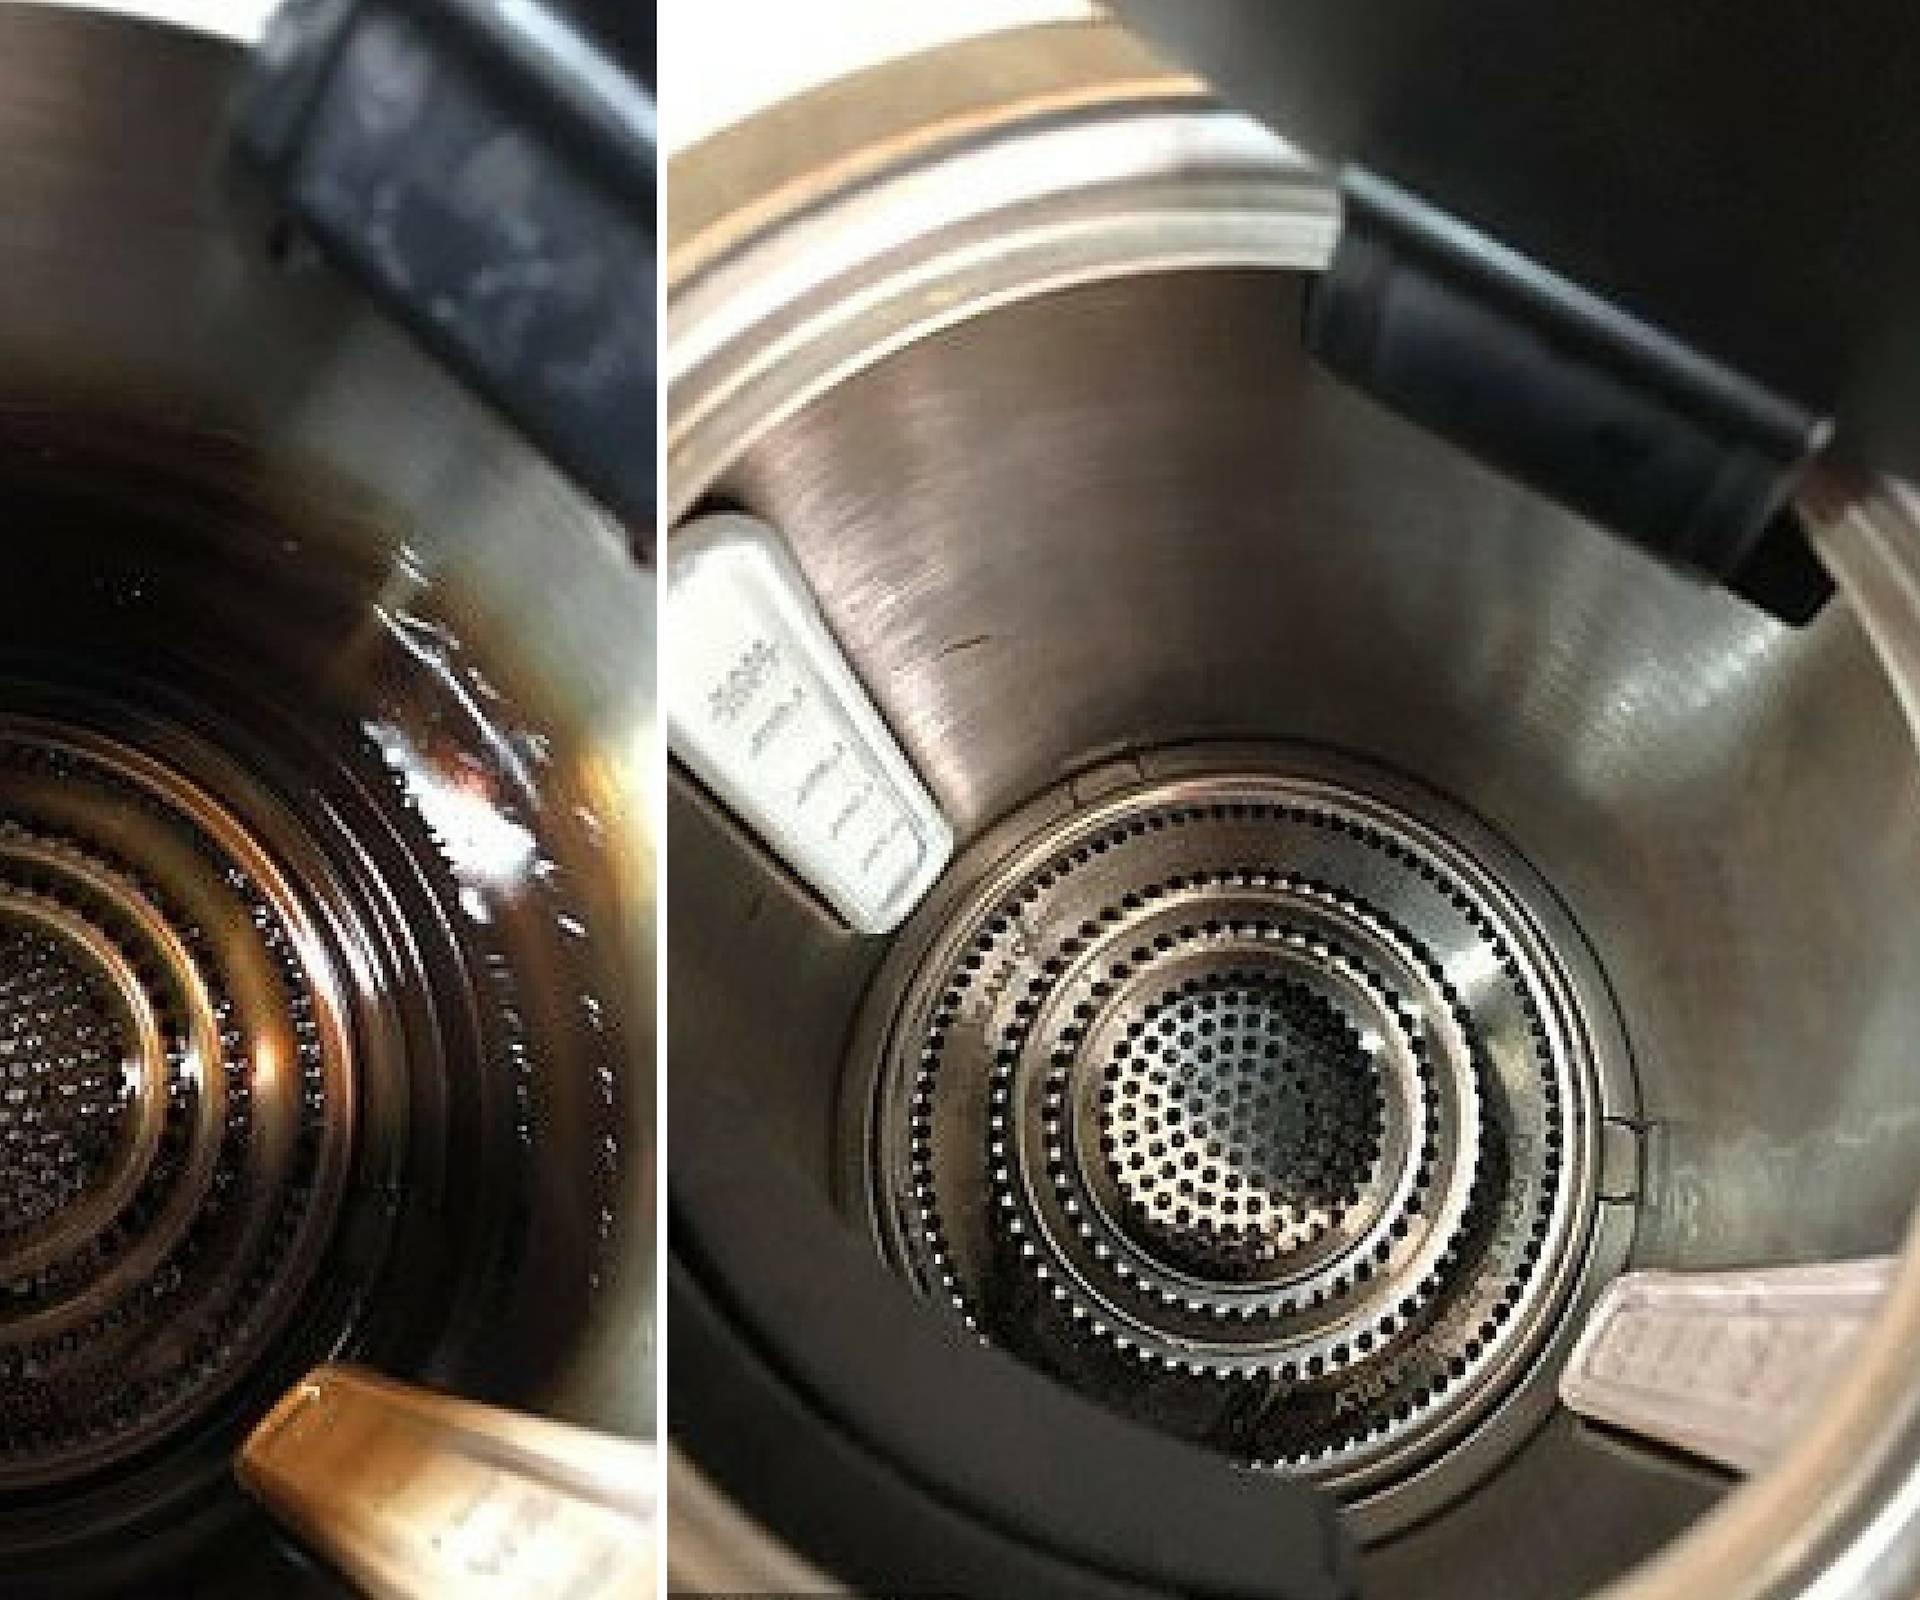 Ovako će ocat odstraniti tvrde smeđe mrlje iz kuhala za vodu